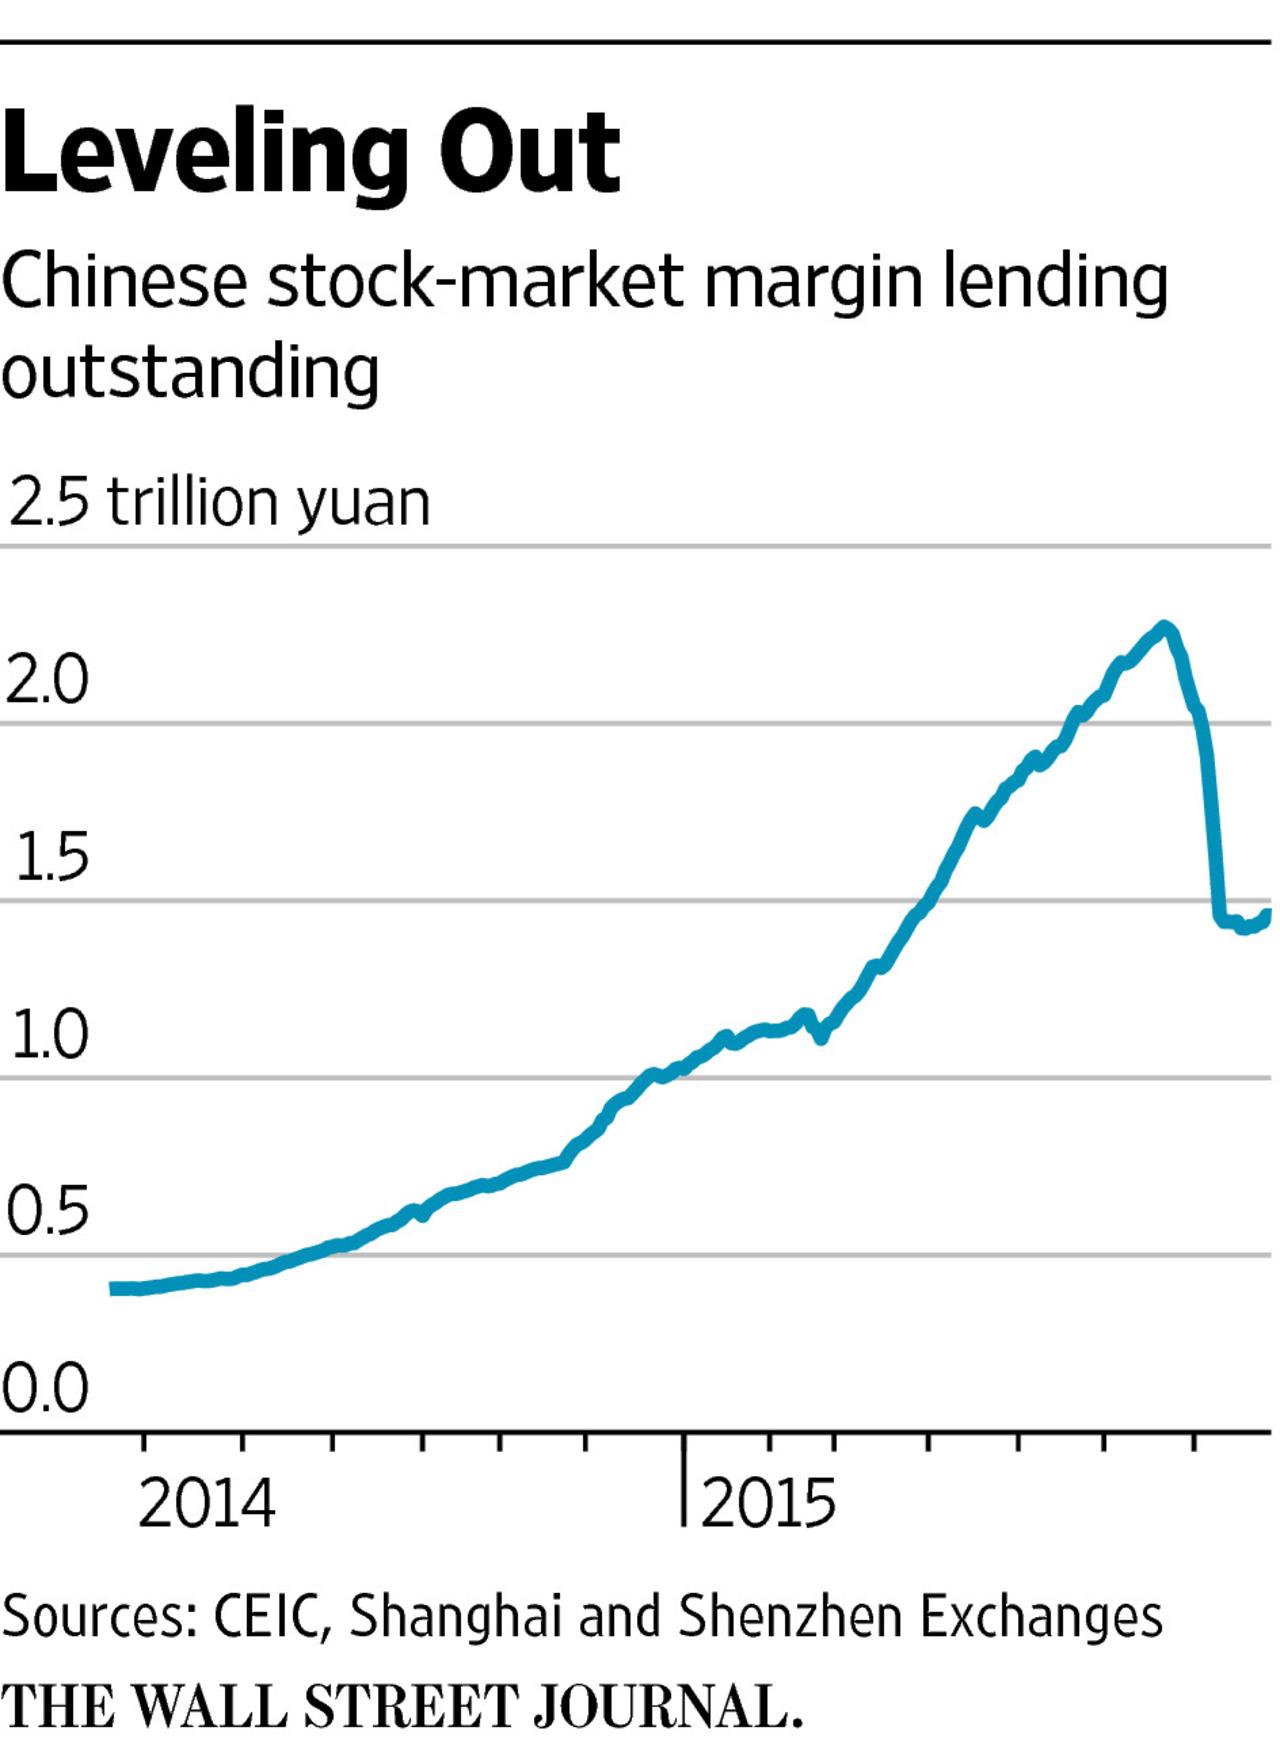 Шаткое восстановление китайского рынка акций